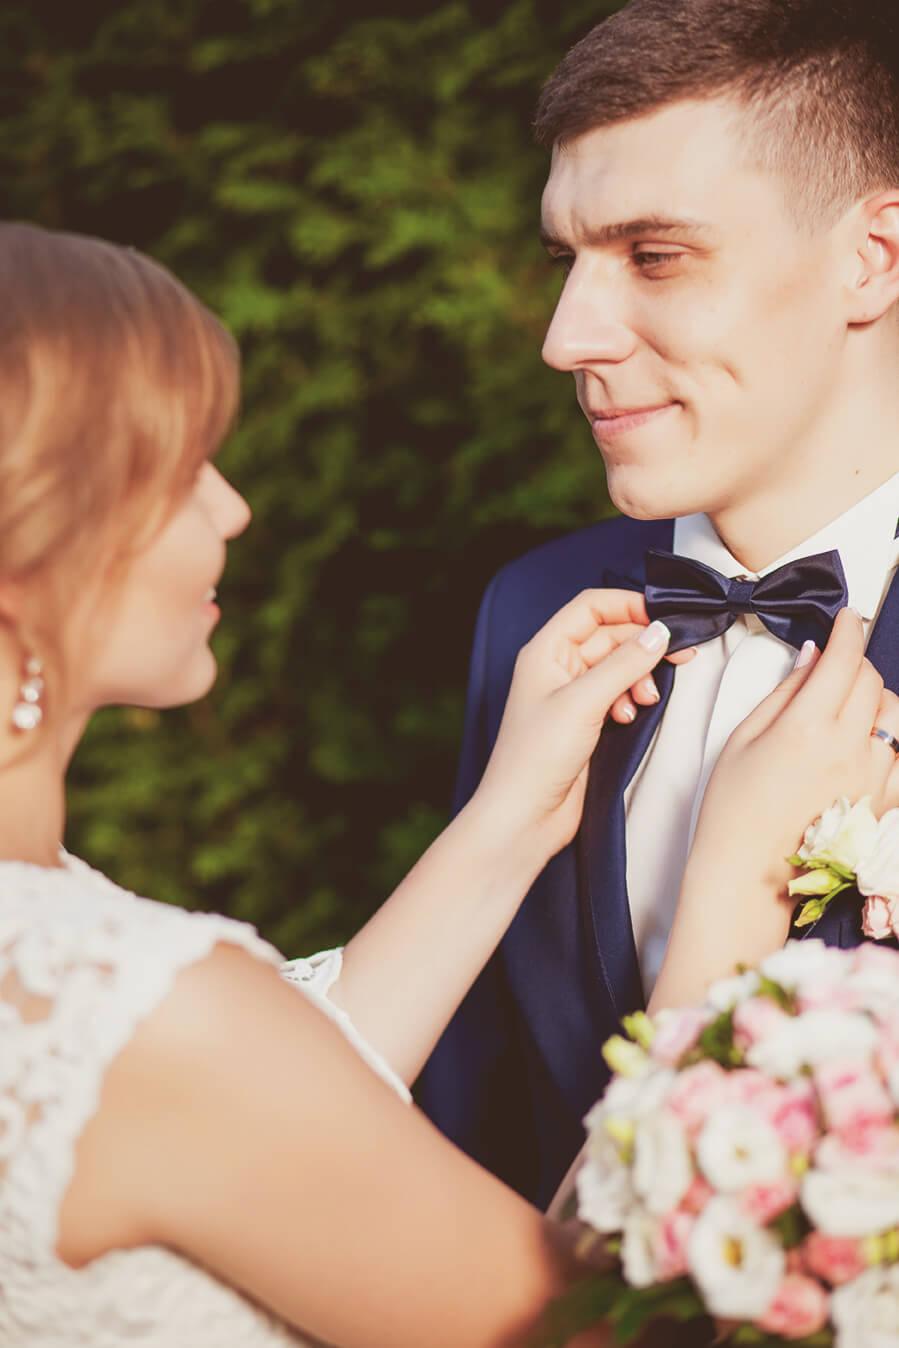 svadebnaja-fotosessija-v-mezhigore-fotograf-kiev-svadebnye-pozy-buket-11